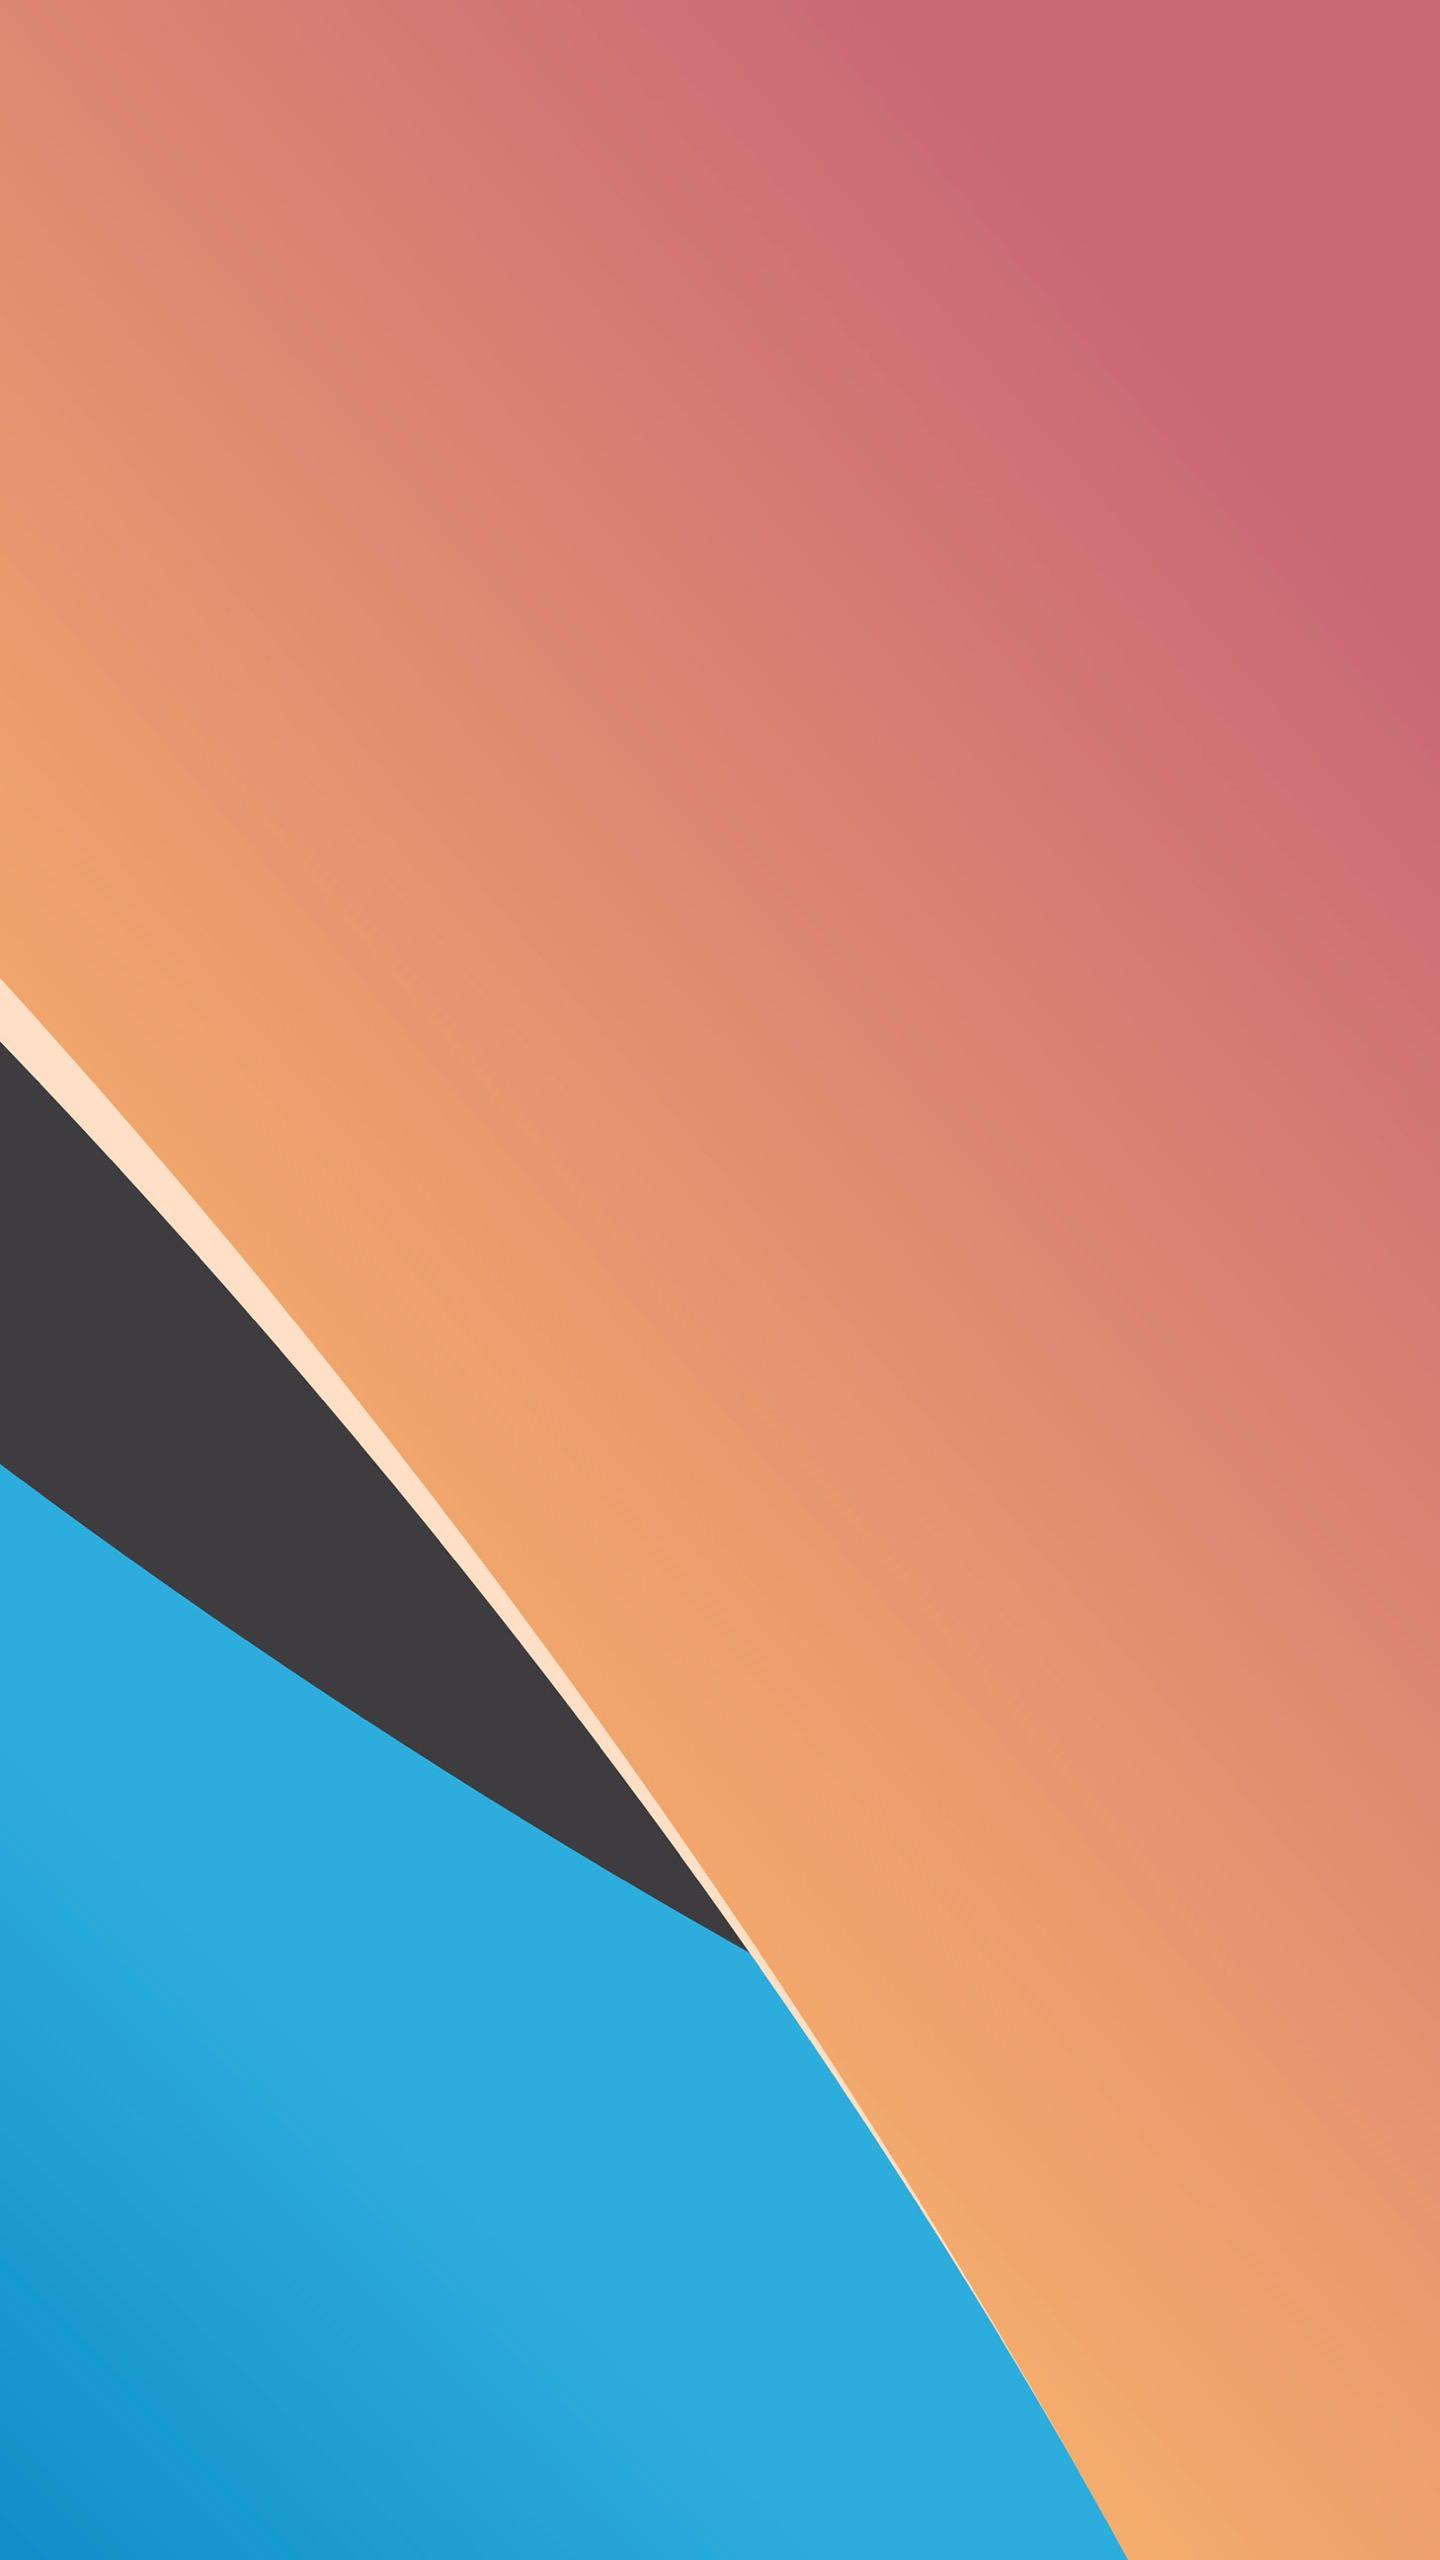 Smartphone Quad HD Wallpaper